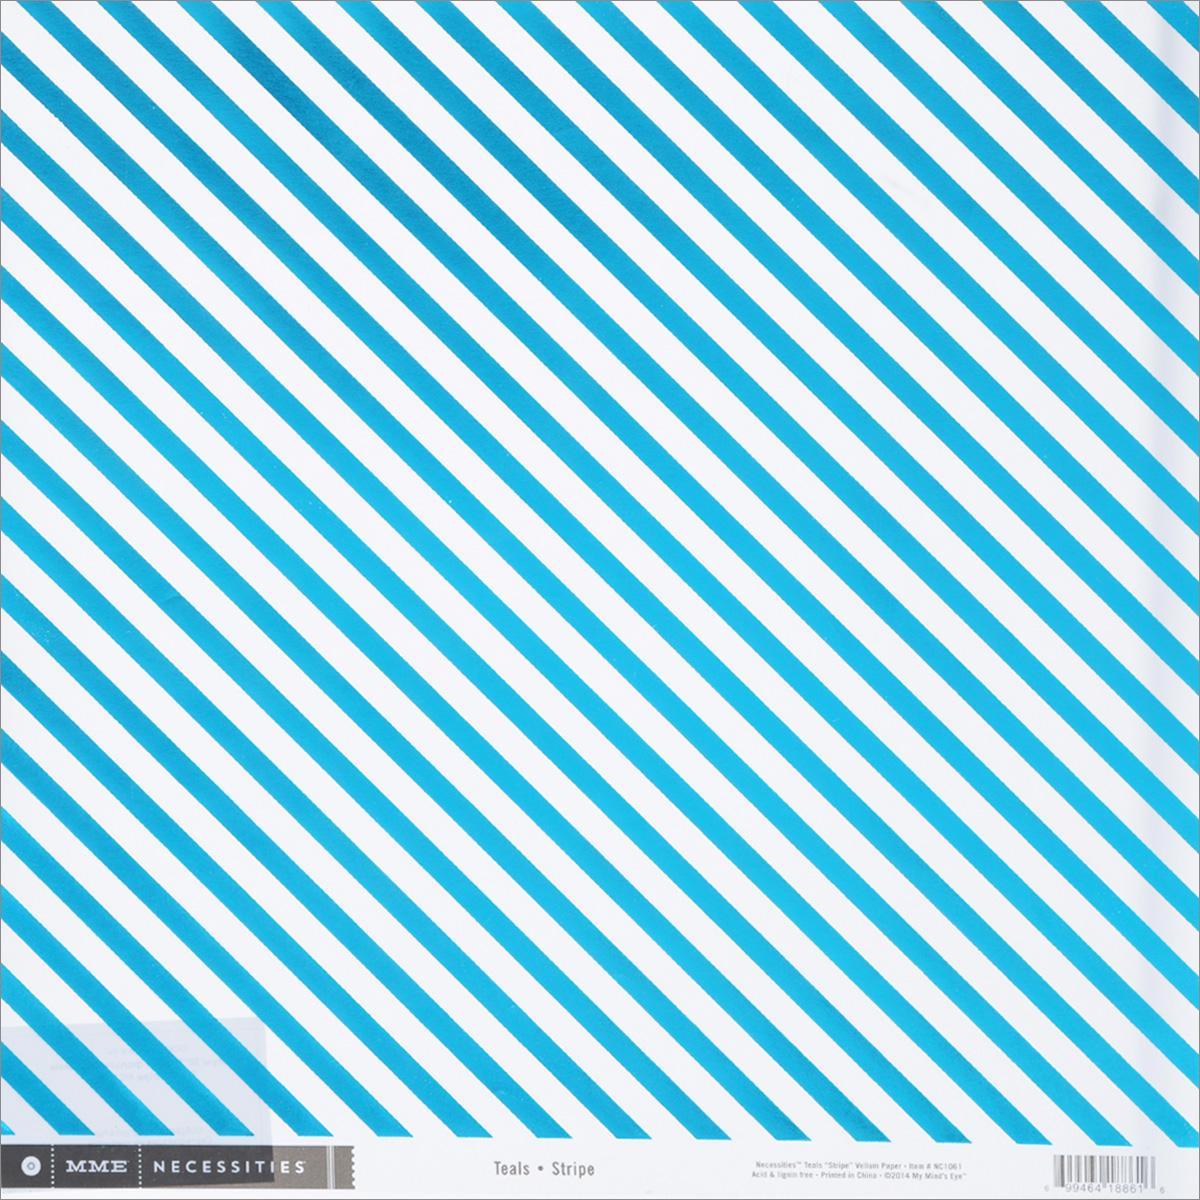 Веллум My Minds Eye Teals Stripe, 30,5 х 30,5 смNC1061Веллум My Minds Eye Teals Stripe прекрасно подойдет для оформления творческих работ в технике скрапбукинга. Веллум - это вид бумаги, который переводится как калька, хотя он гораздо плотнее и более однороден по фактуре. Его можно использовать для украшения фотоальбомов, скрап-страничек, подарков, конвертов, фоторамок, открыток и многого другого. Веллум оформлен бирюзовыми фольгированными полосками. Скрапбукинг - это хобби, которое способно приносить массу приятных эмоций не только человеку, который этим занимается, но и его близким, друзьям, родным. Это невероятно увлекательное занятие, которое поможет вам сохранить наиболее памятные и яркие моменты вашей жизни, а также интересно оформить интерьер дома. Размер листа: 30,5 см х 30,5 см. Плотность: 80 г/м2.